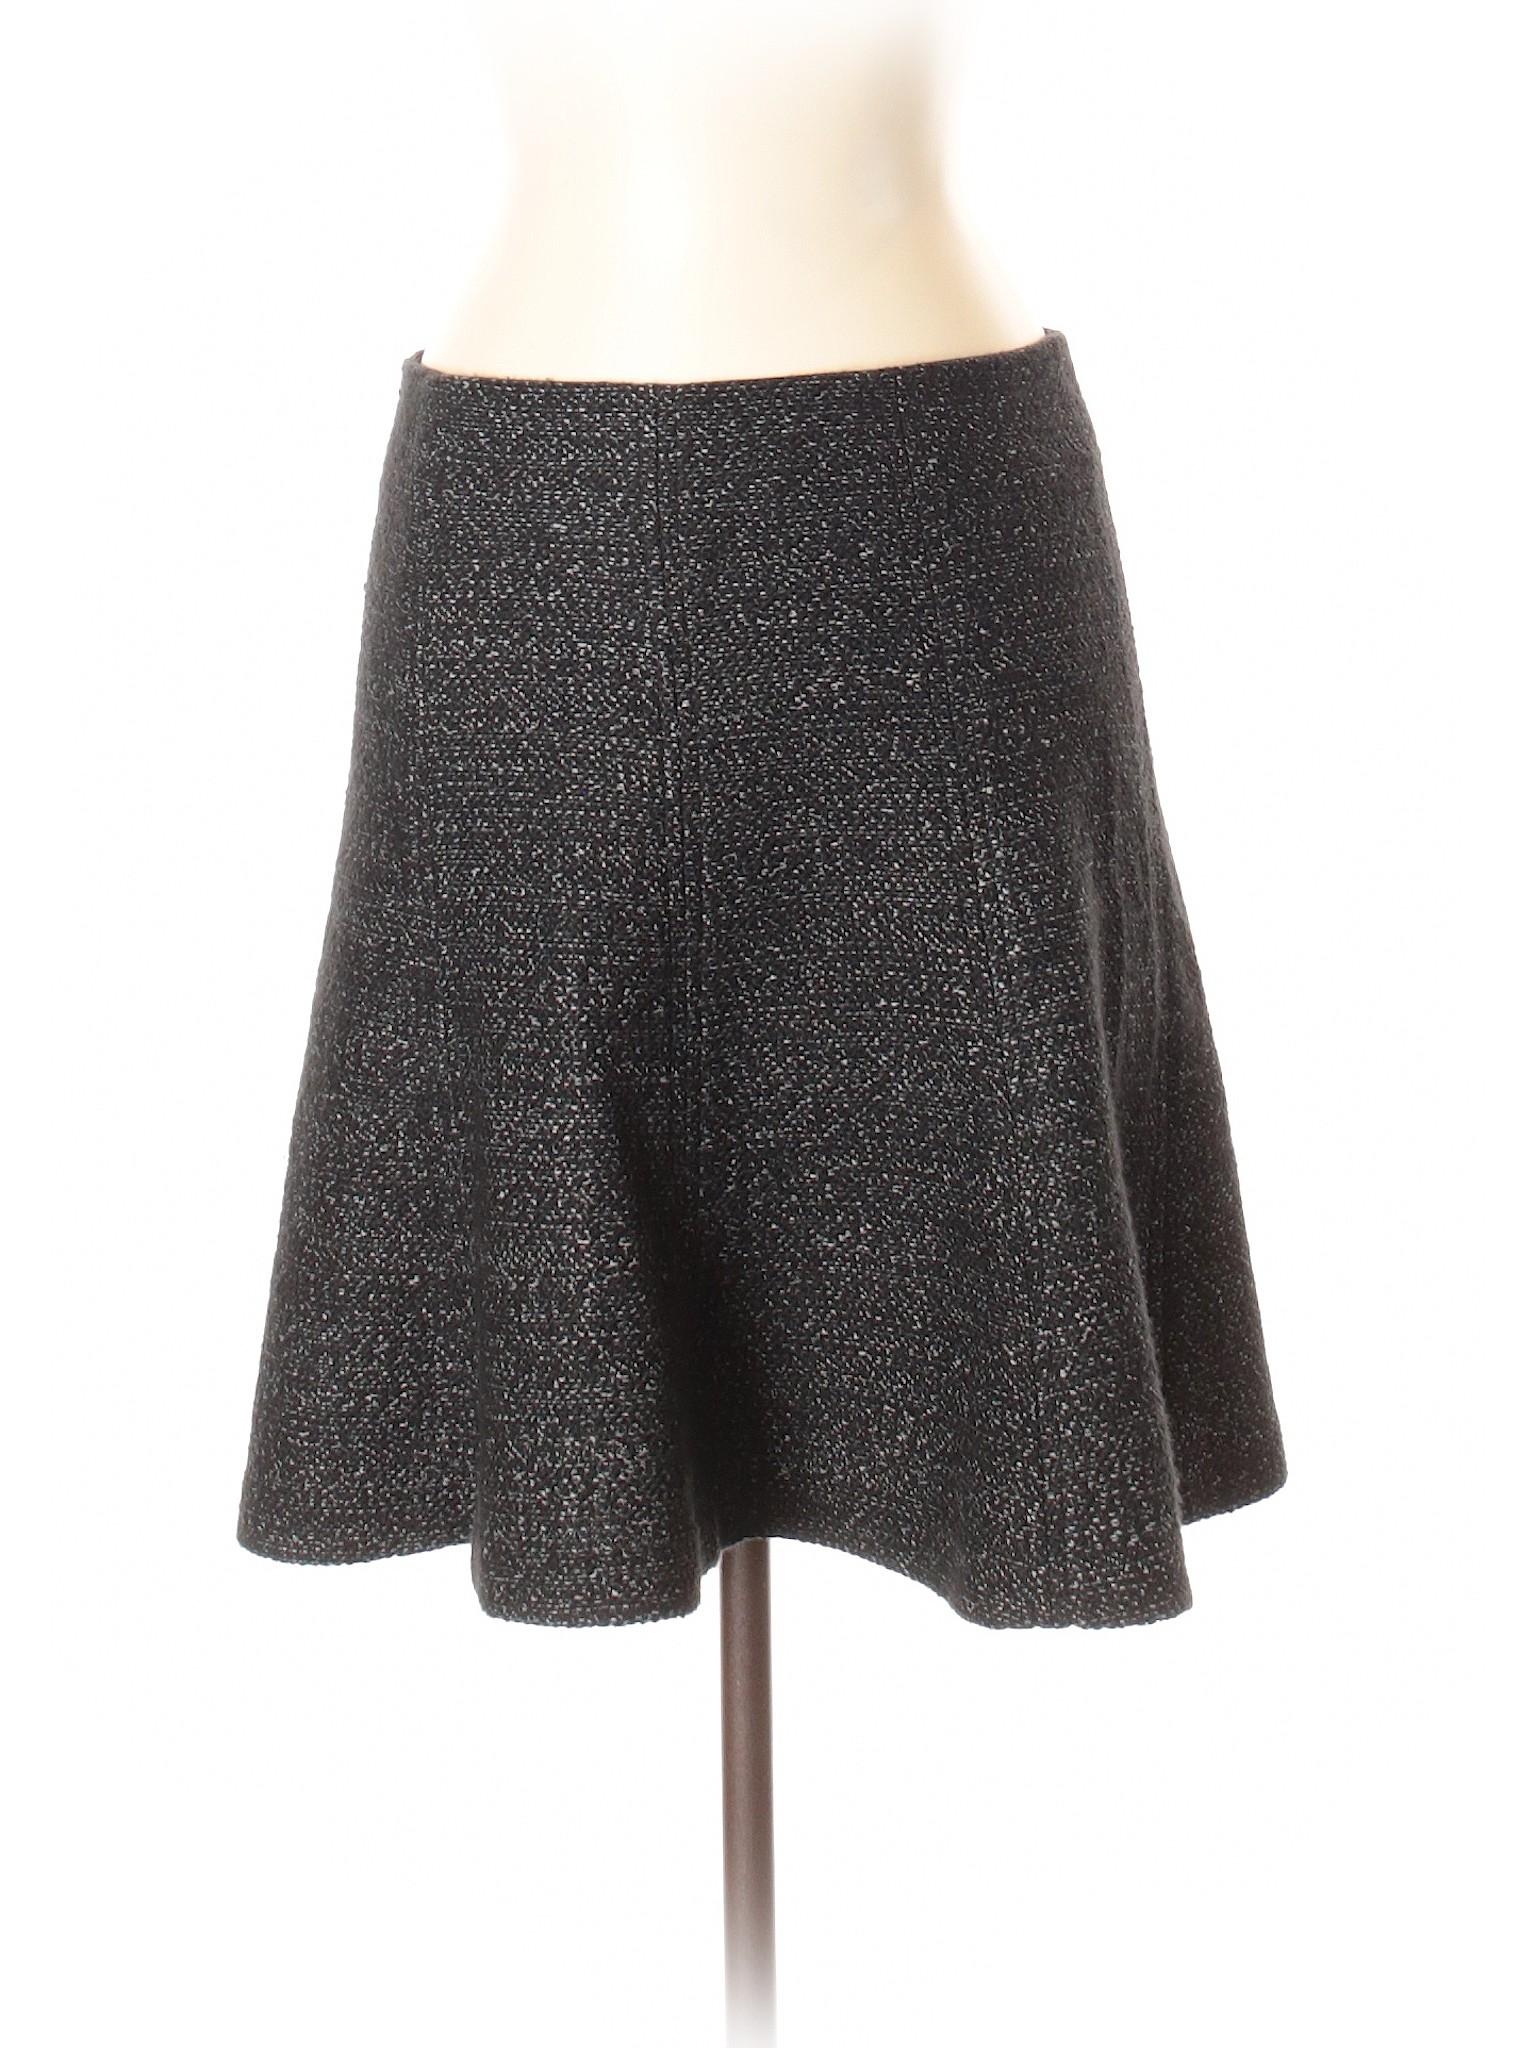 leisure Ann Taylor Casual Skirt LOFT Boutique n7aAxRn